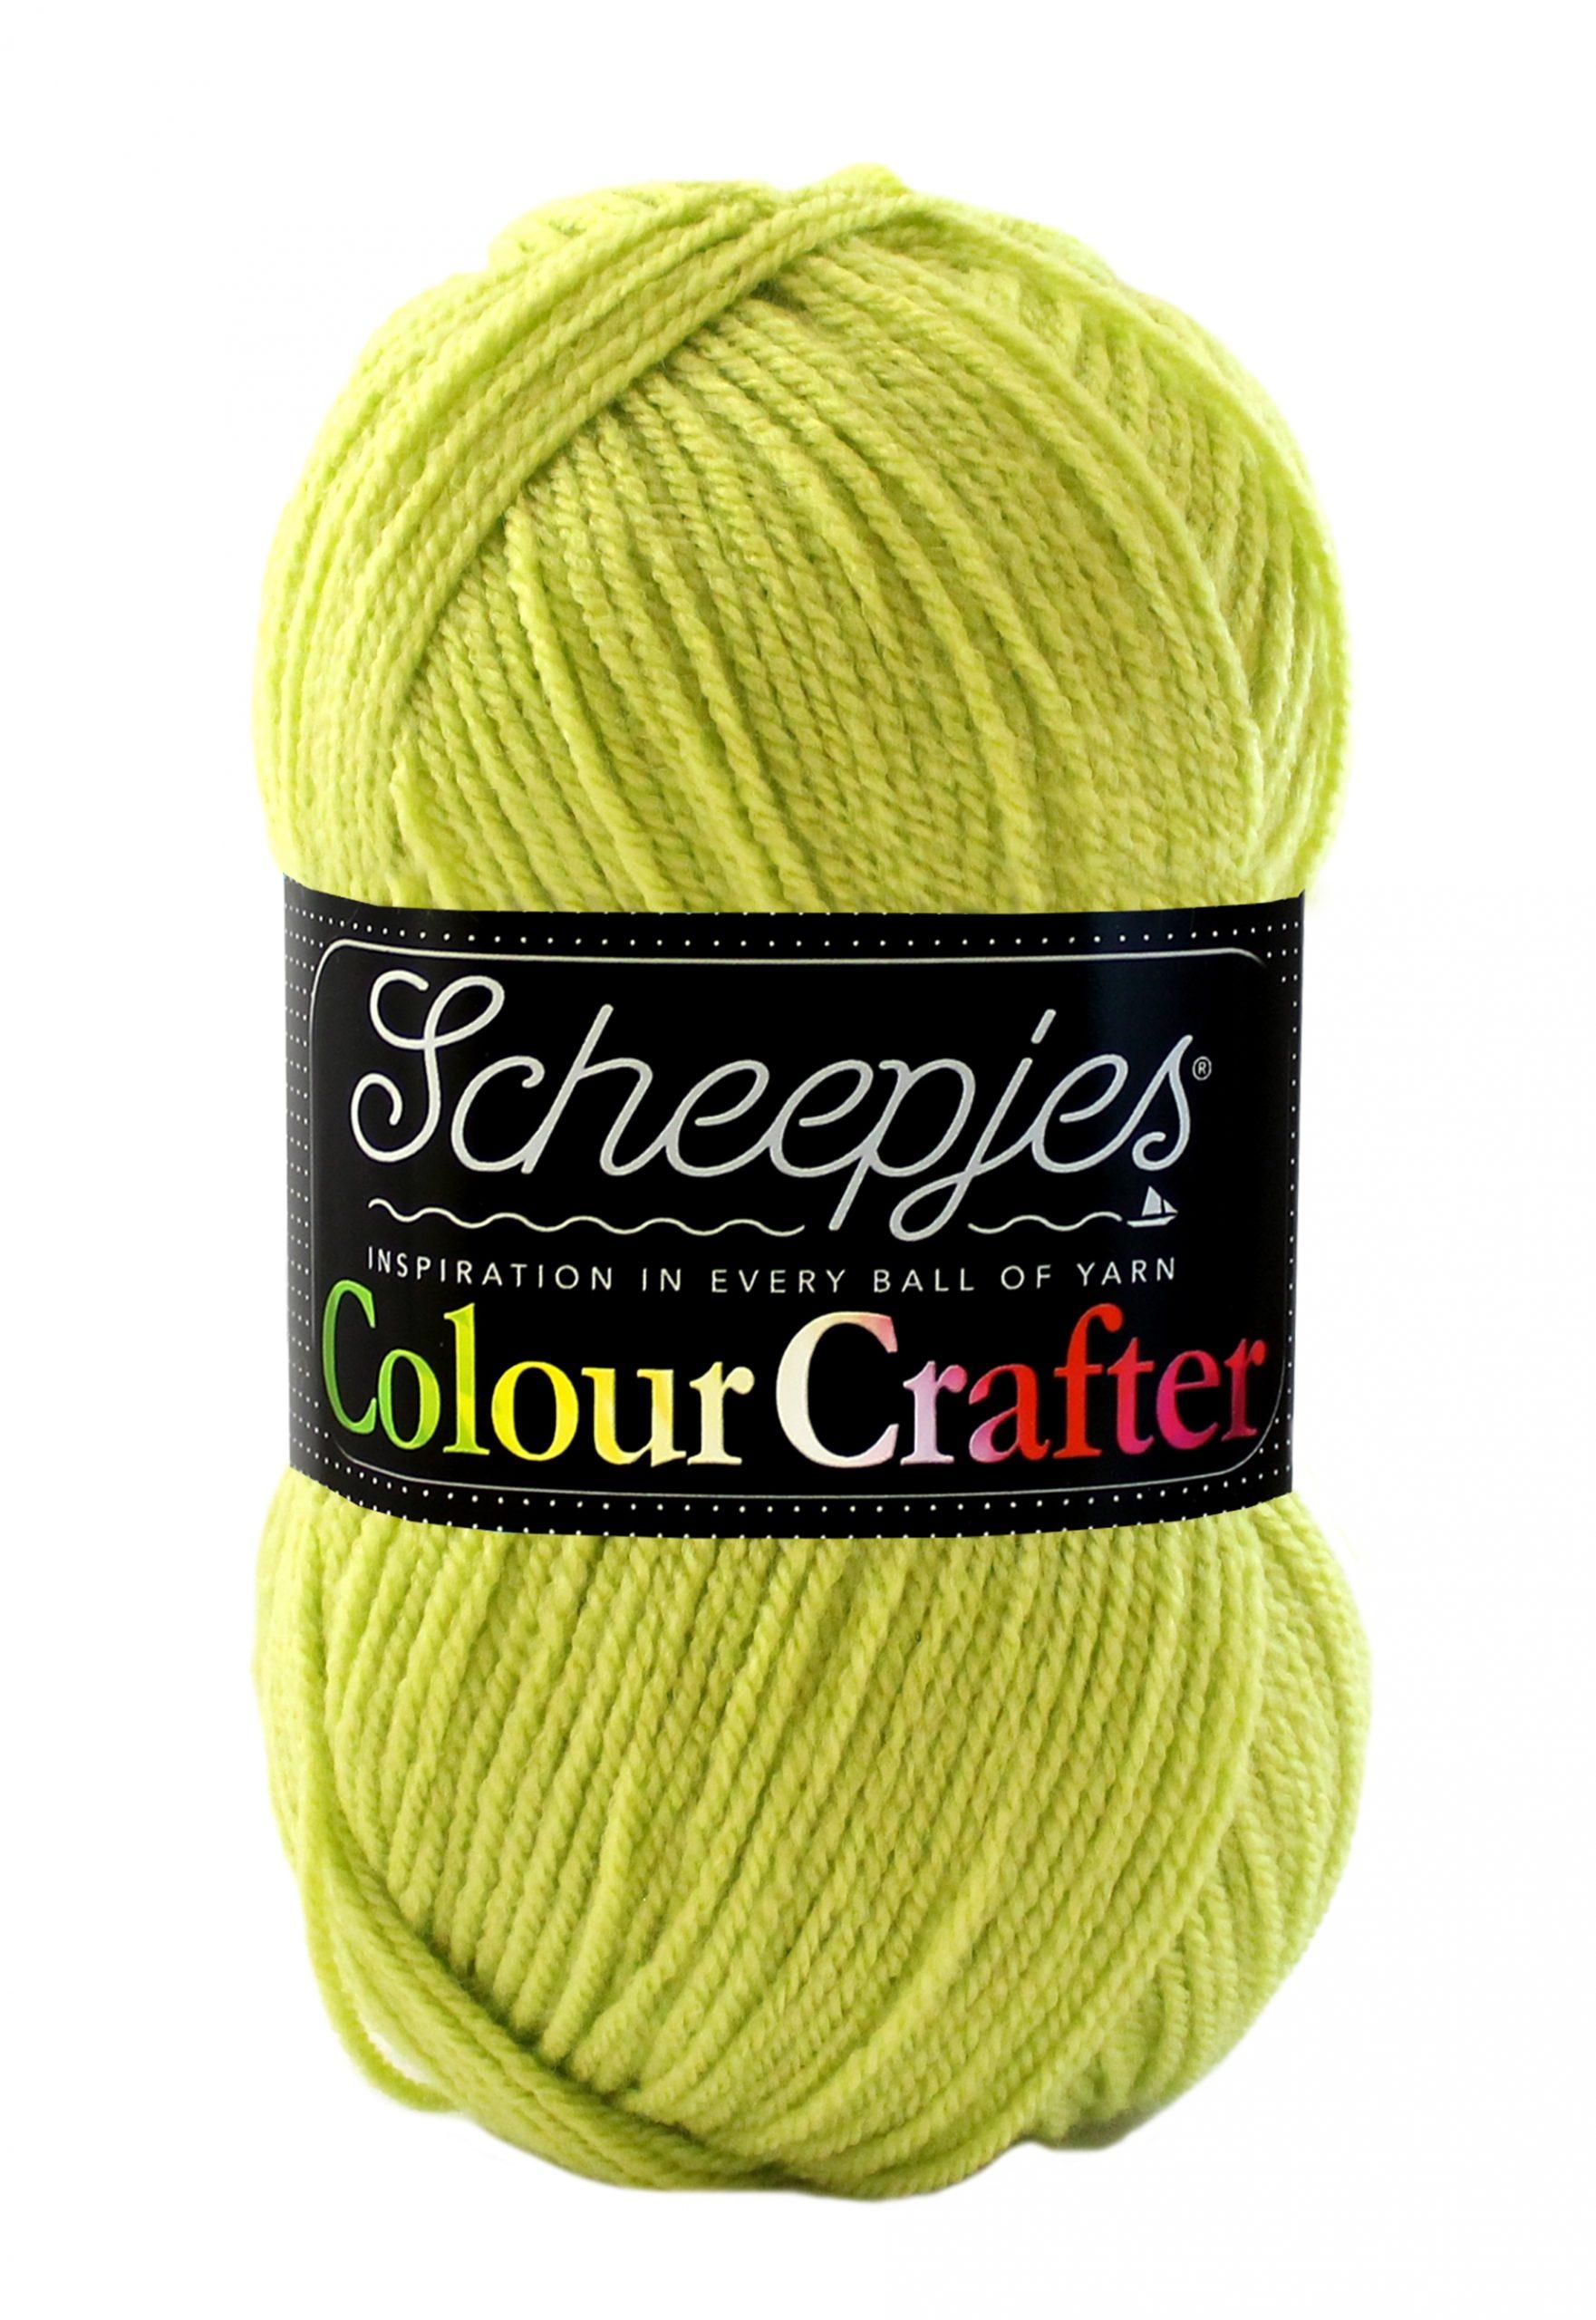 Scheepjes Colour Crafter – Delfzijl 1822   garenhuisukeus.nl